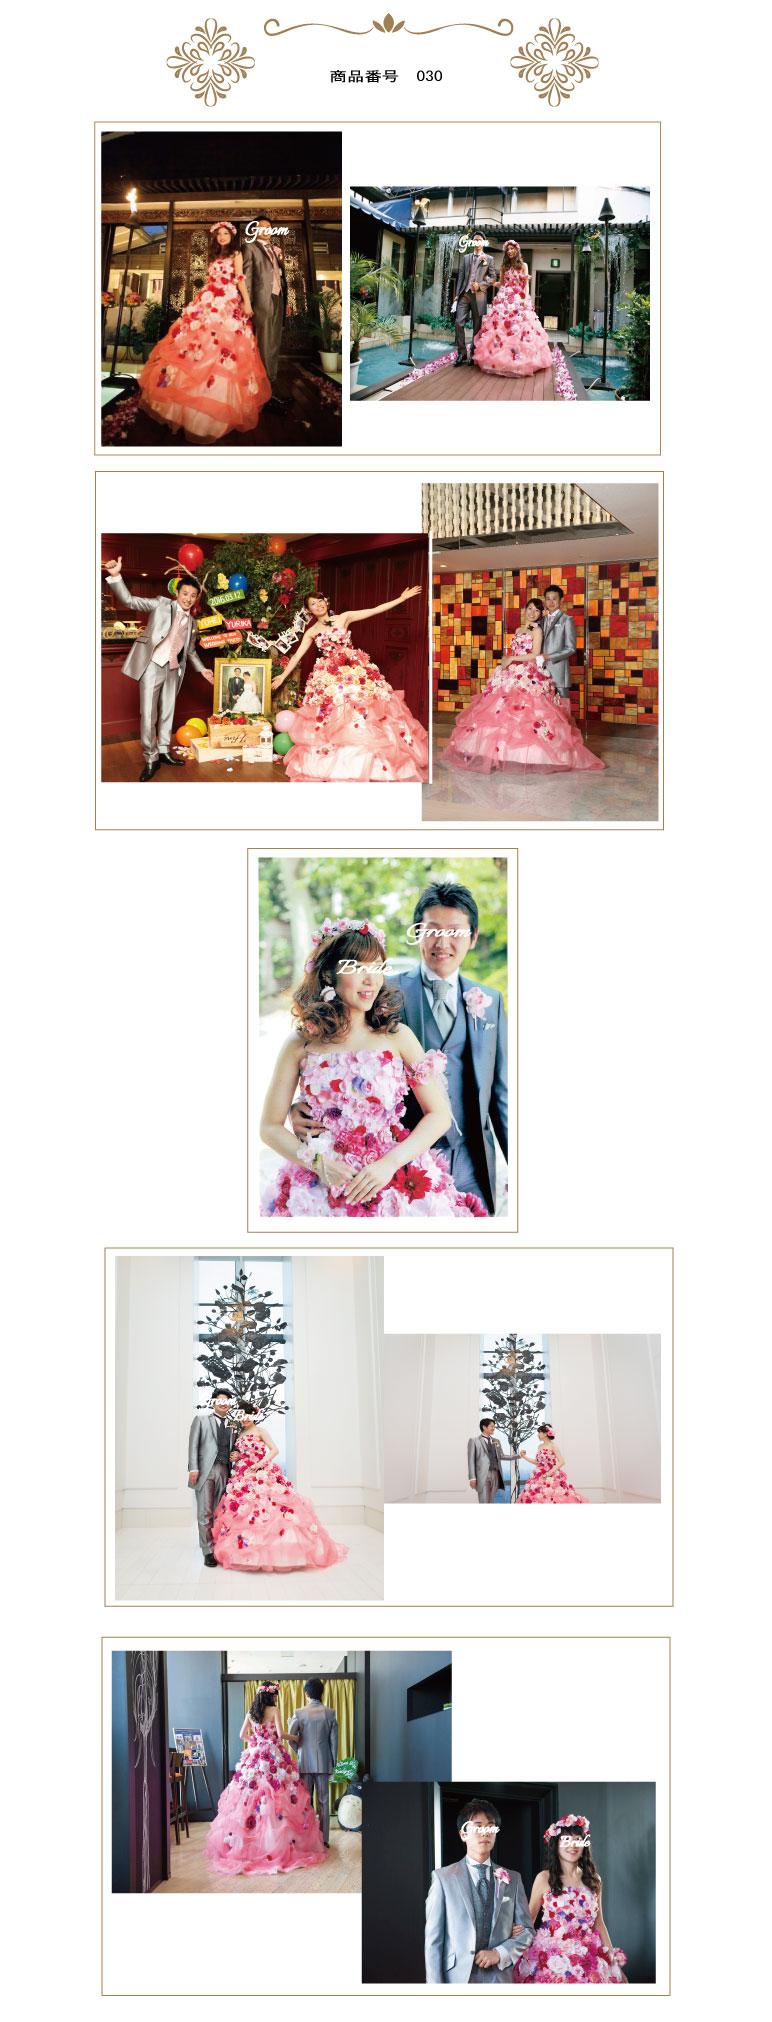 お花ドレスの花嫁写真ギャラリー